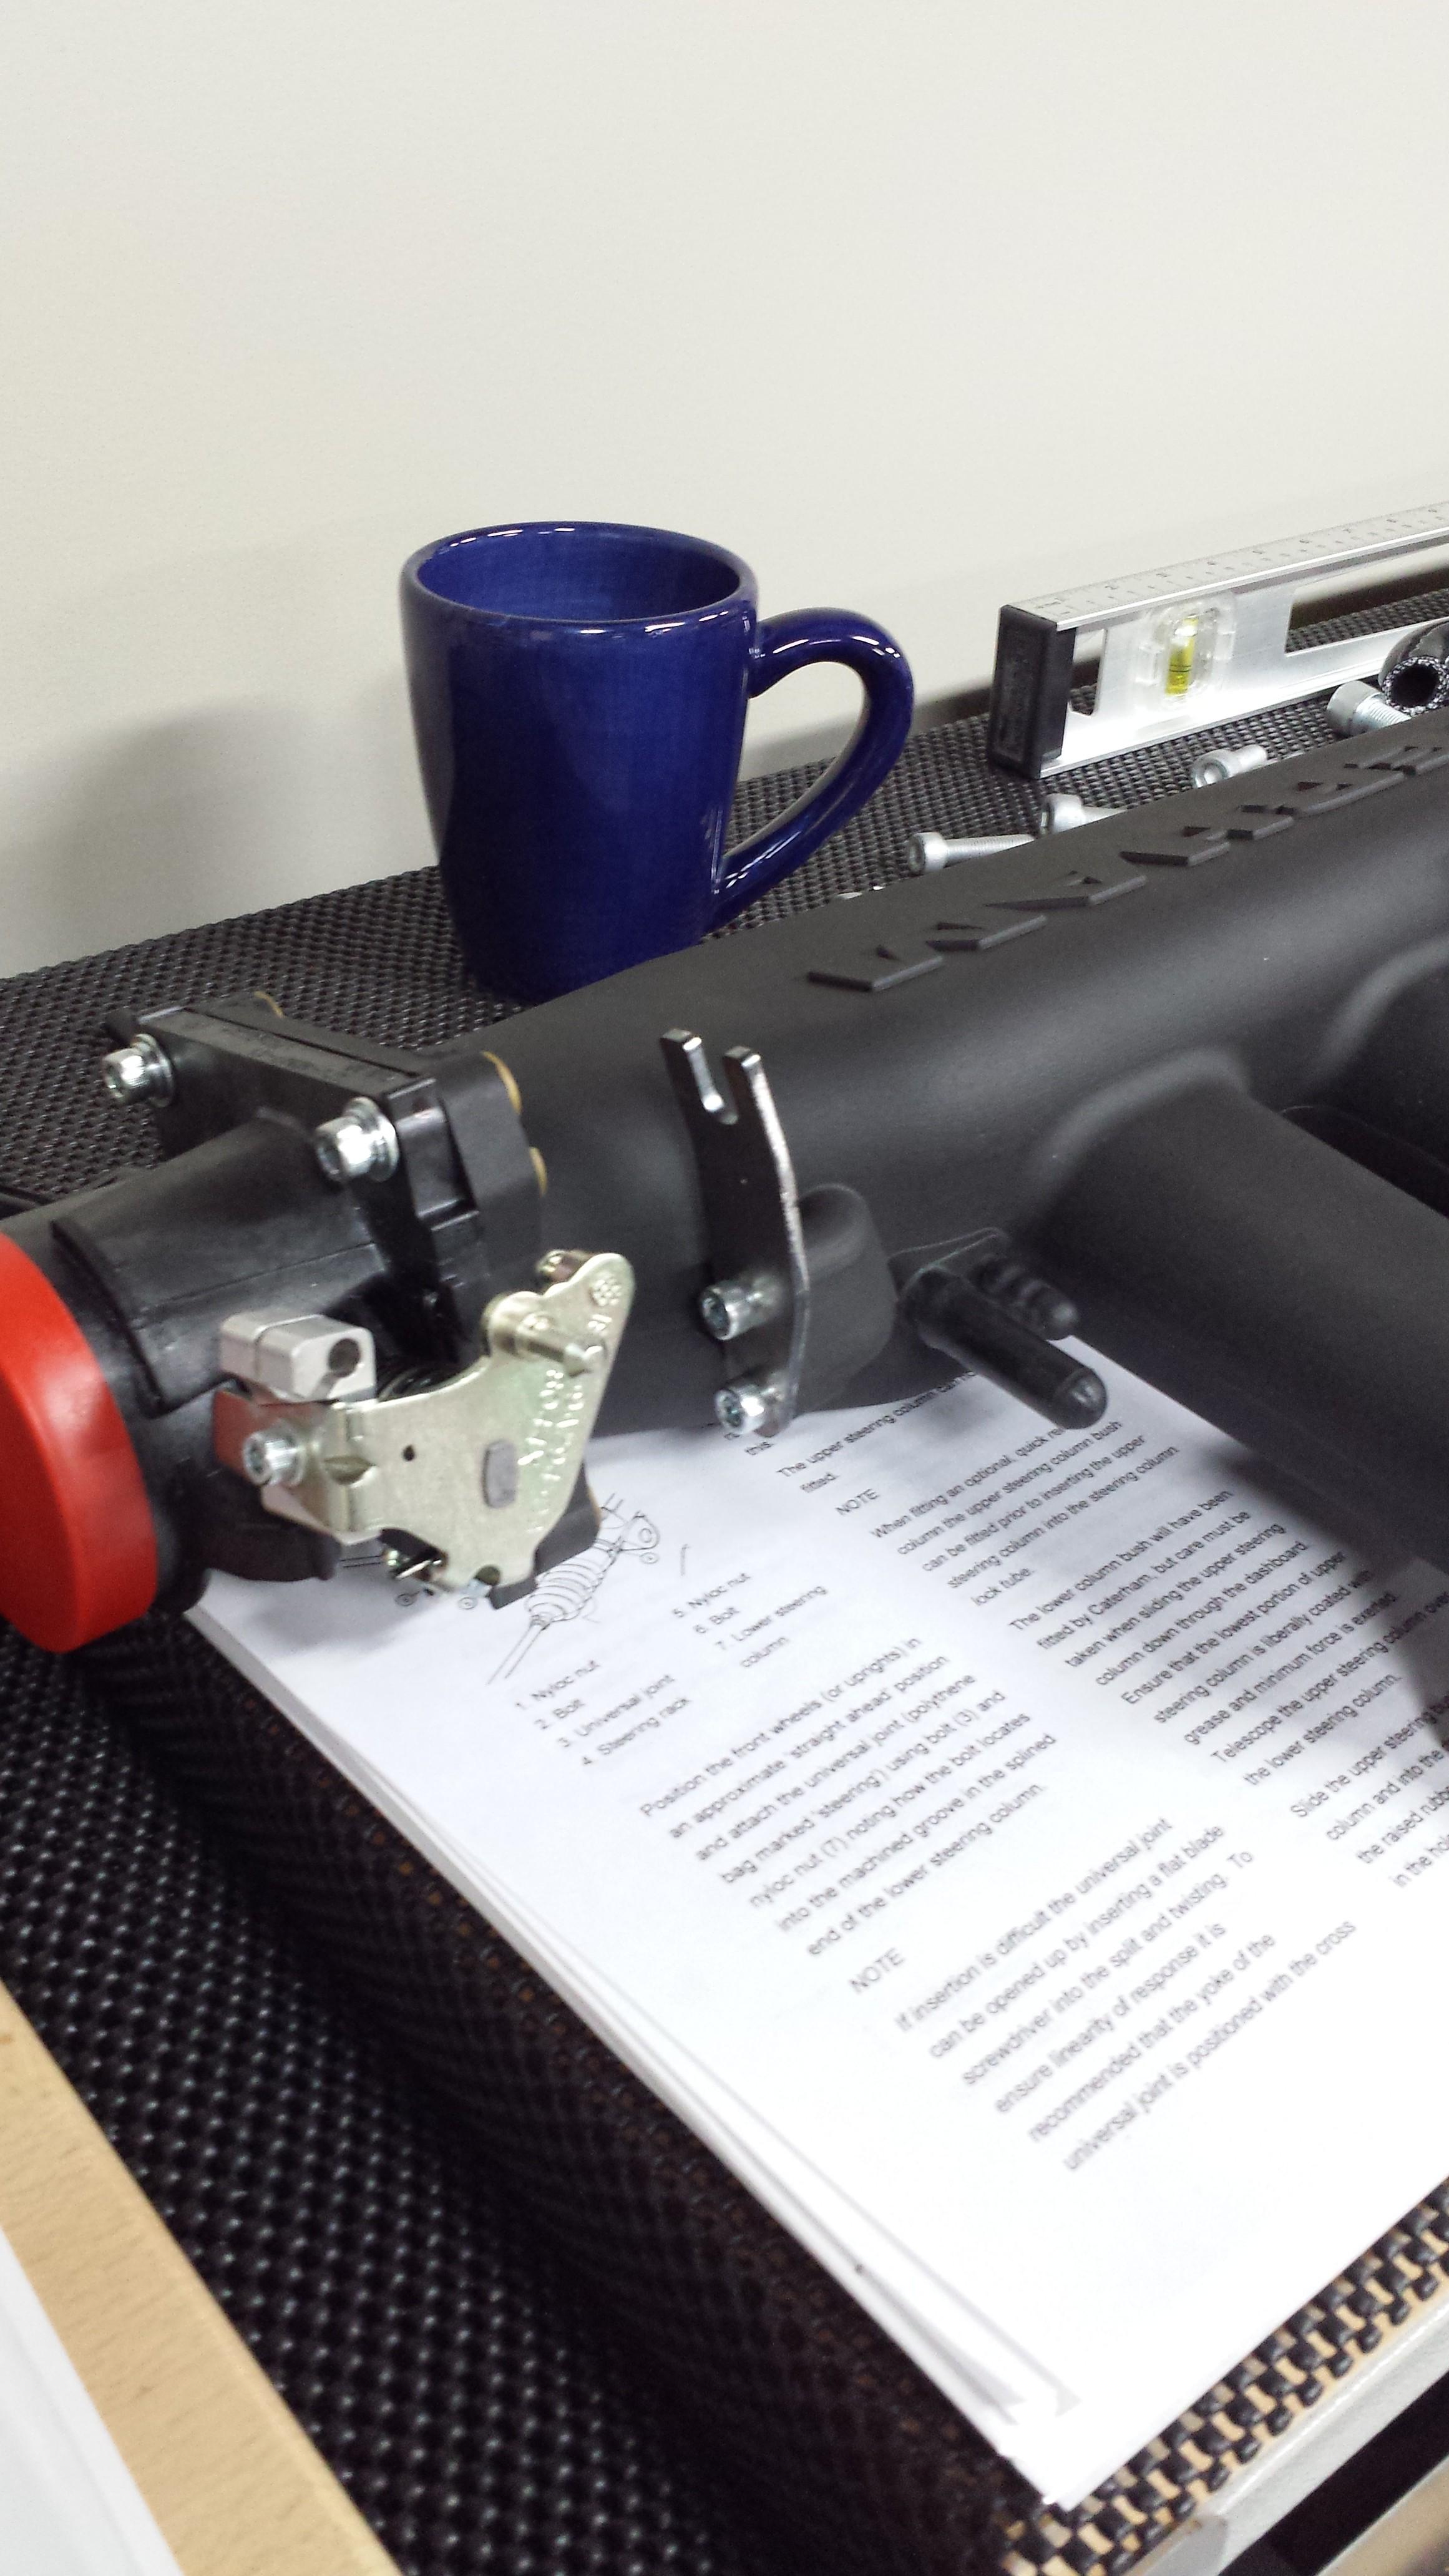 Throttle bracket attached